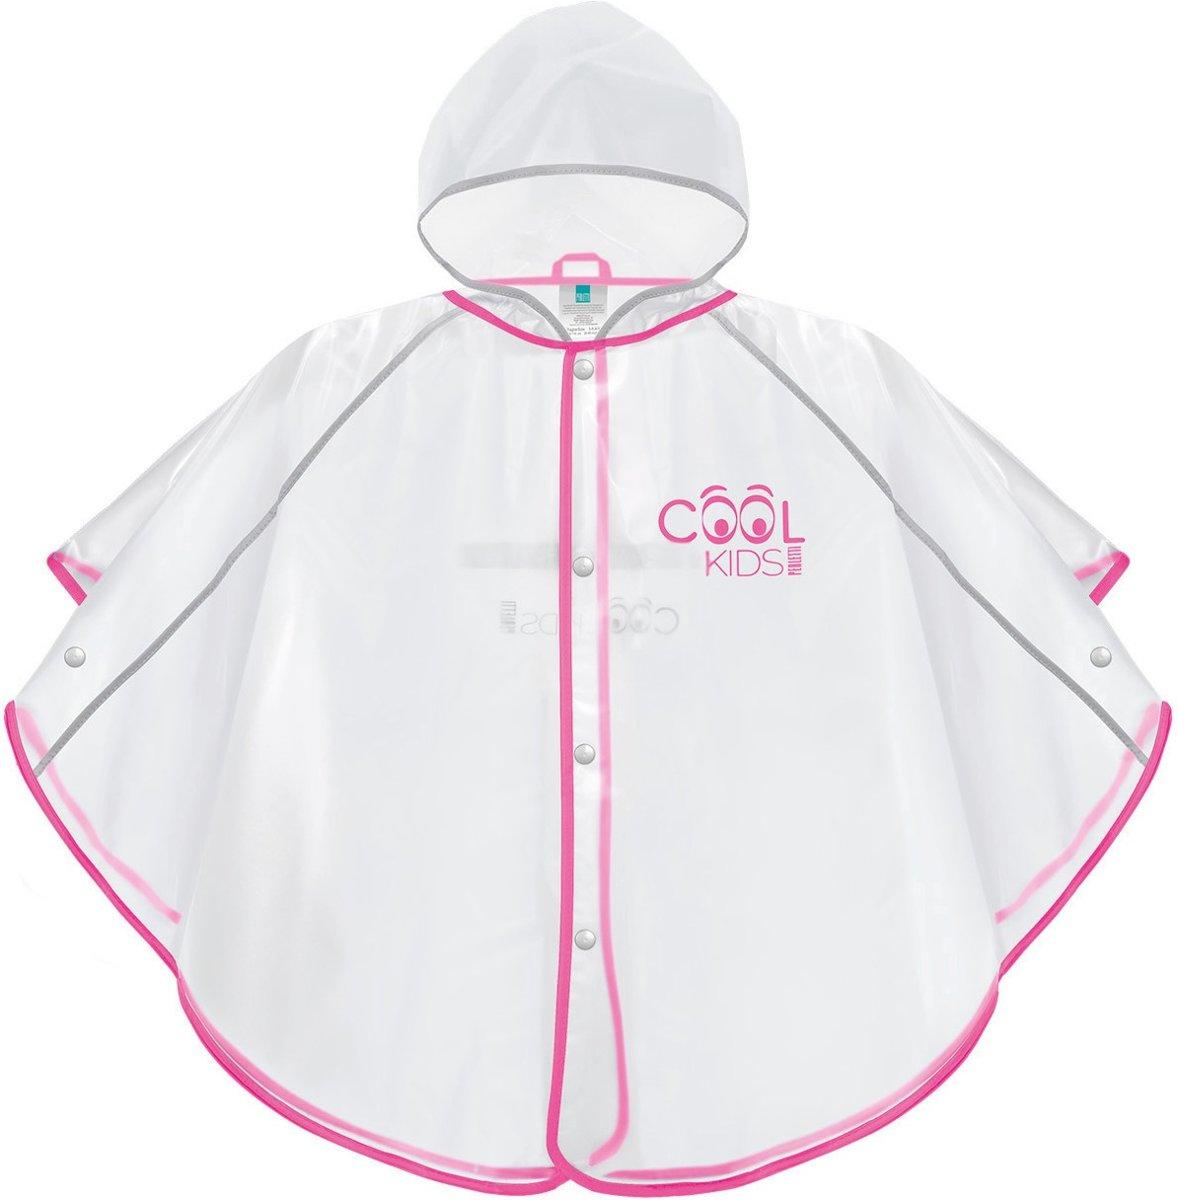 Perletti Regenponcho Meisjes Transparant/roze Maat 110/116 kopen